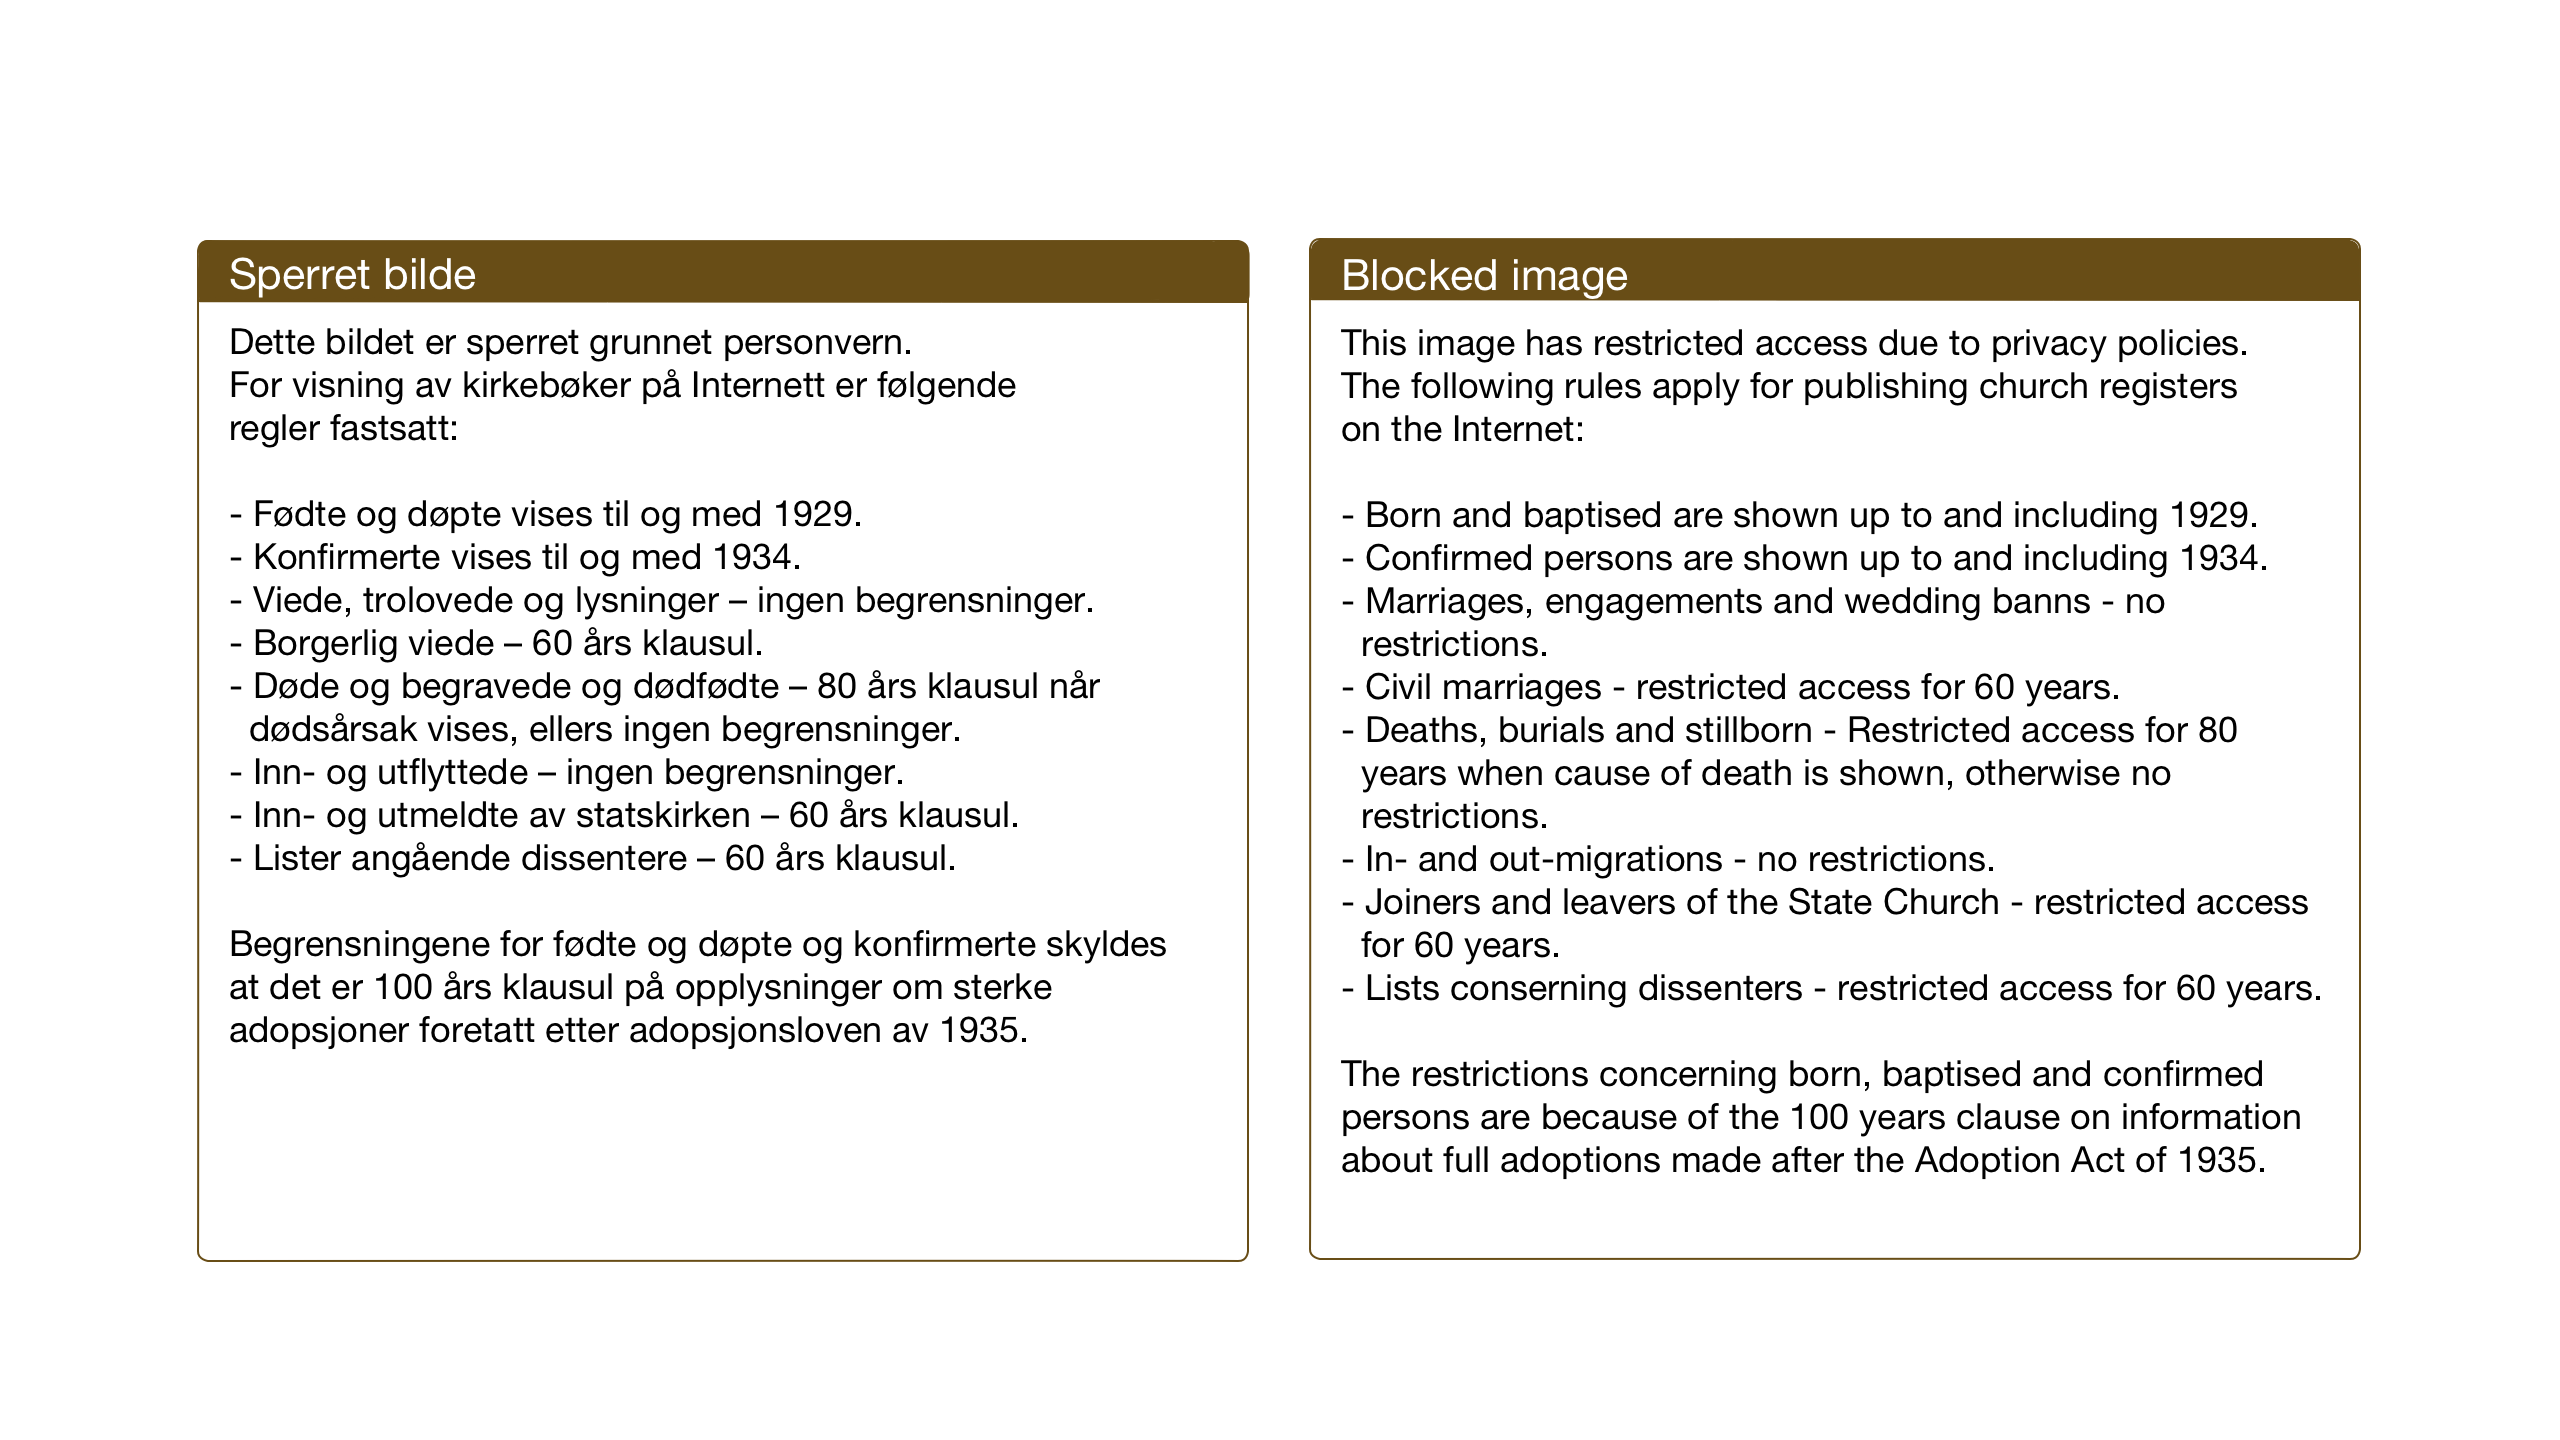 SAT, Ministerialprotokoller, klokkerbøker og fødselsregistre - Nord-Trøndelag, 733/L0328: Klokkerbok nr. 733C03, 1919-1966, s. 23